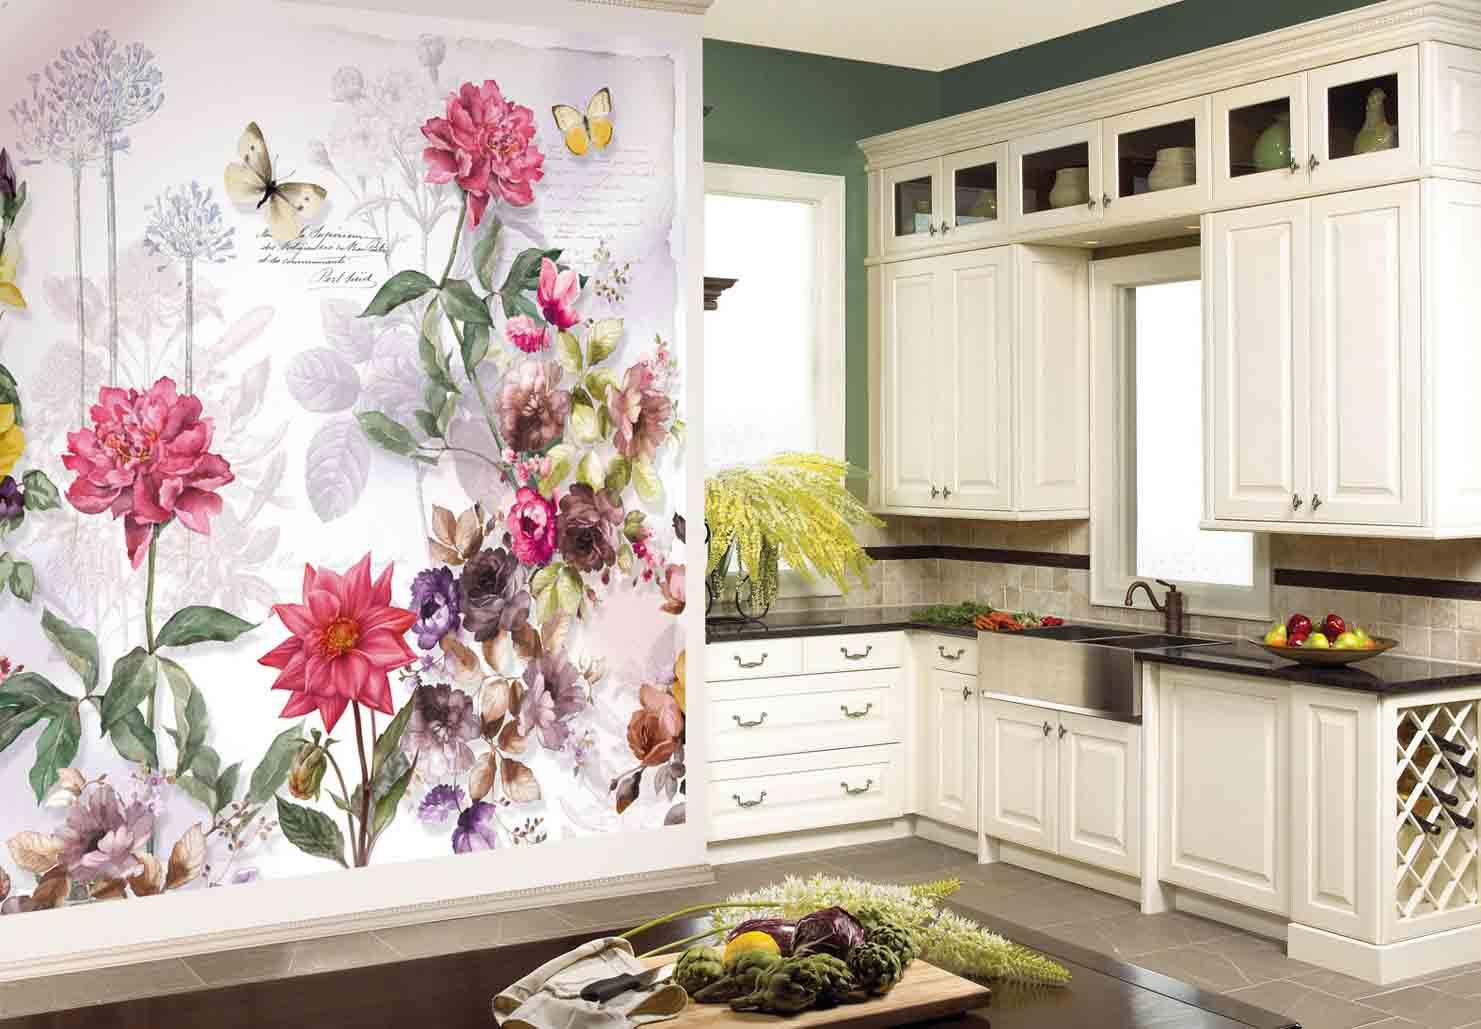 красивые картинки для кухни цветы